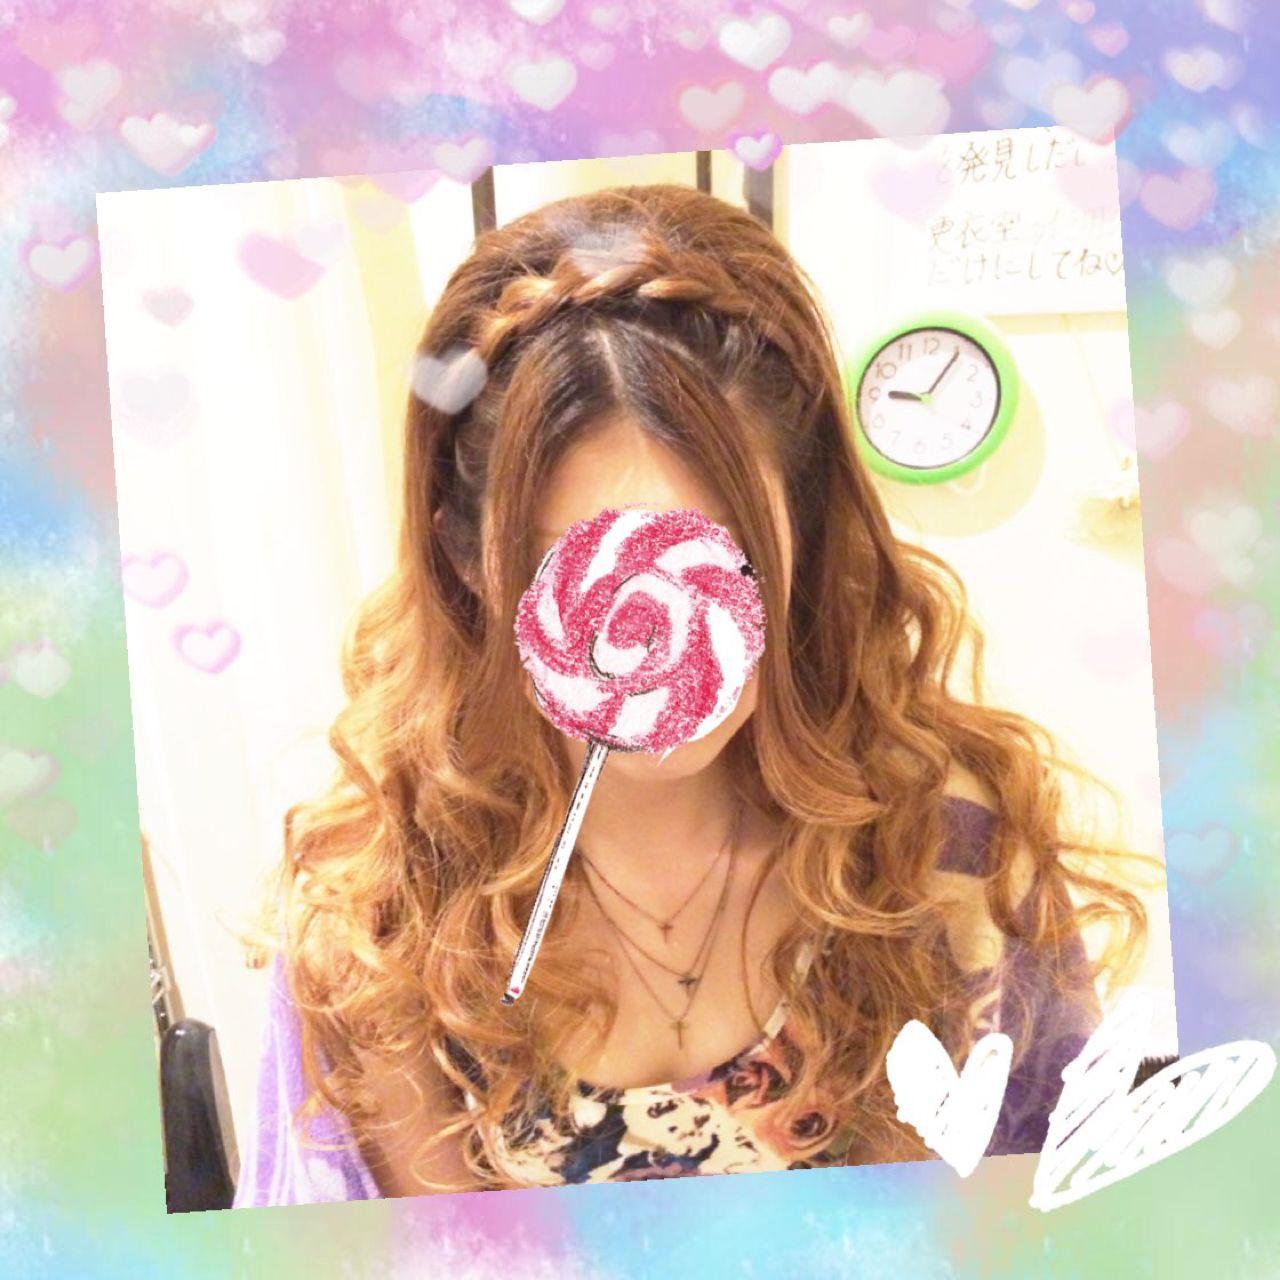 ロングの髪の毛を活かして!人気の髪型はコレ! nao